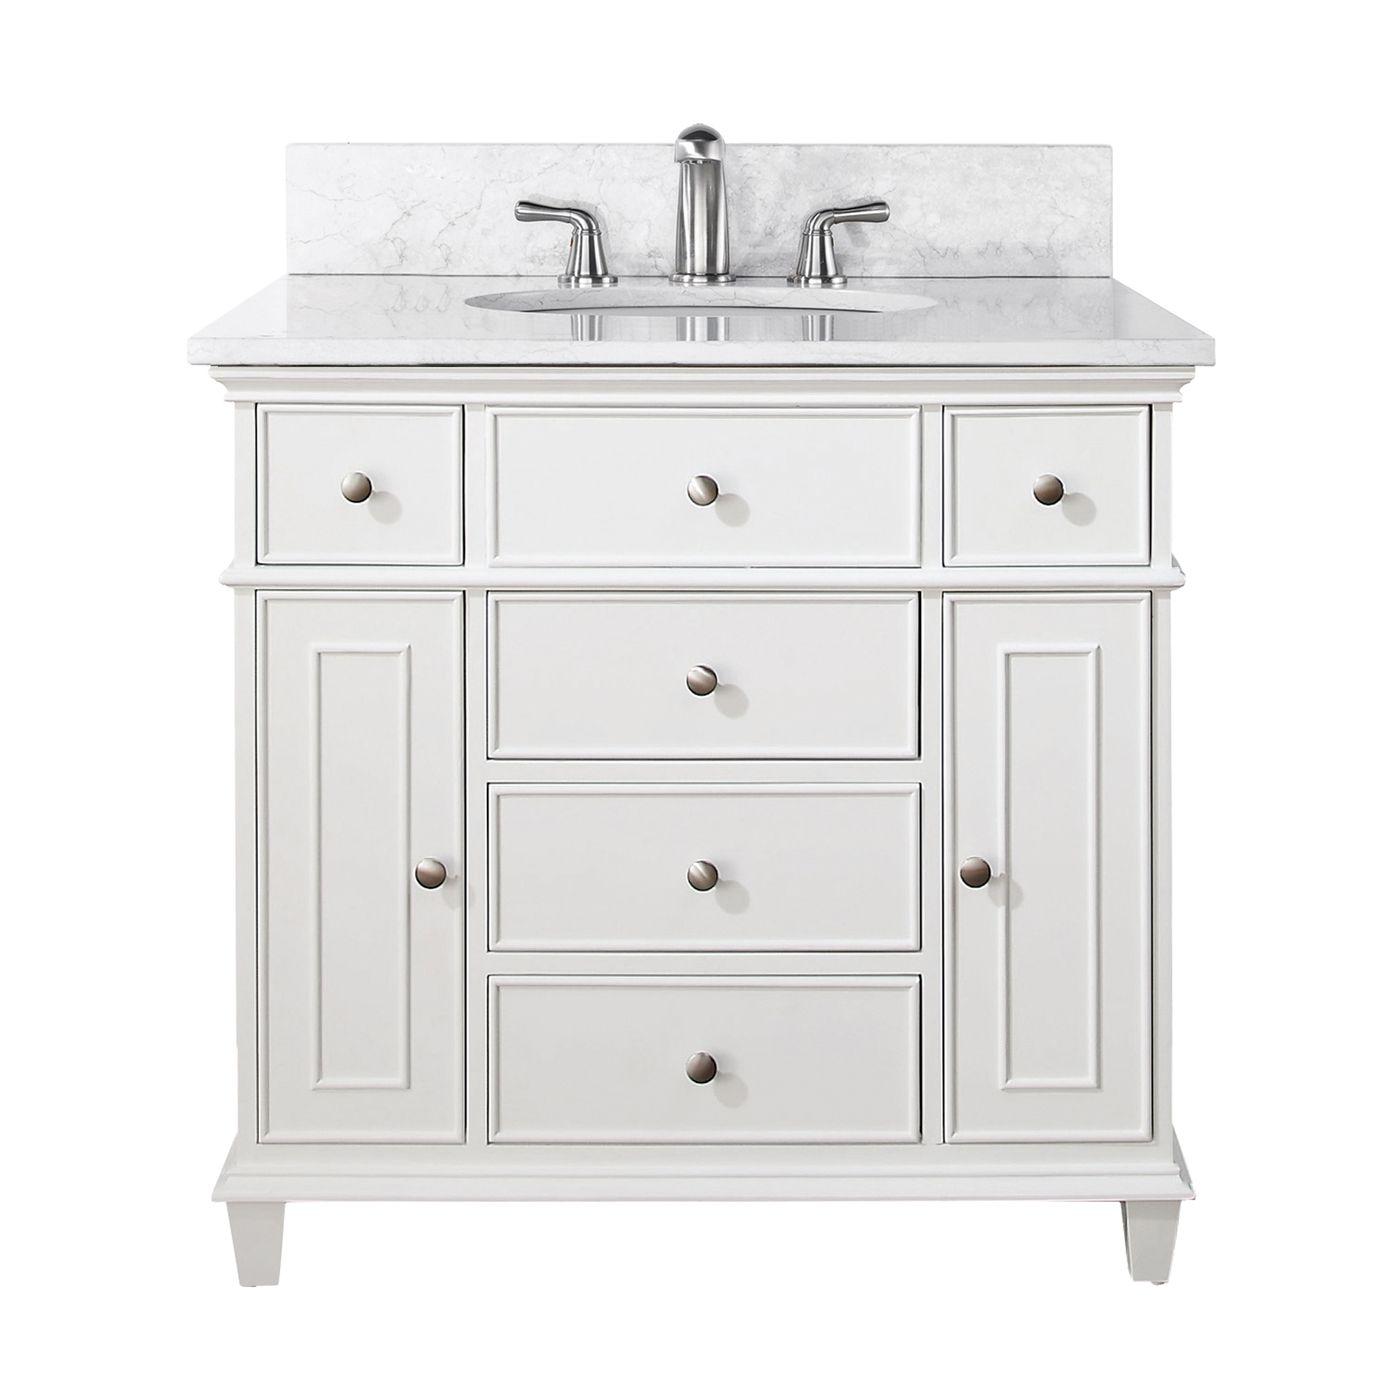 Shop Avanity WINDSOR-VS Windsor Bathroom Vanity with ...